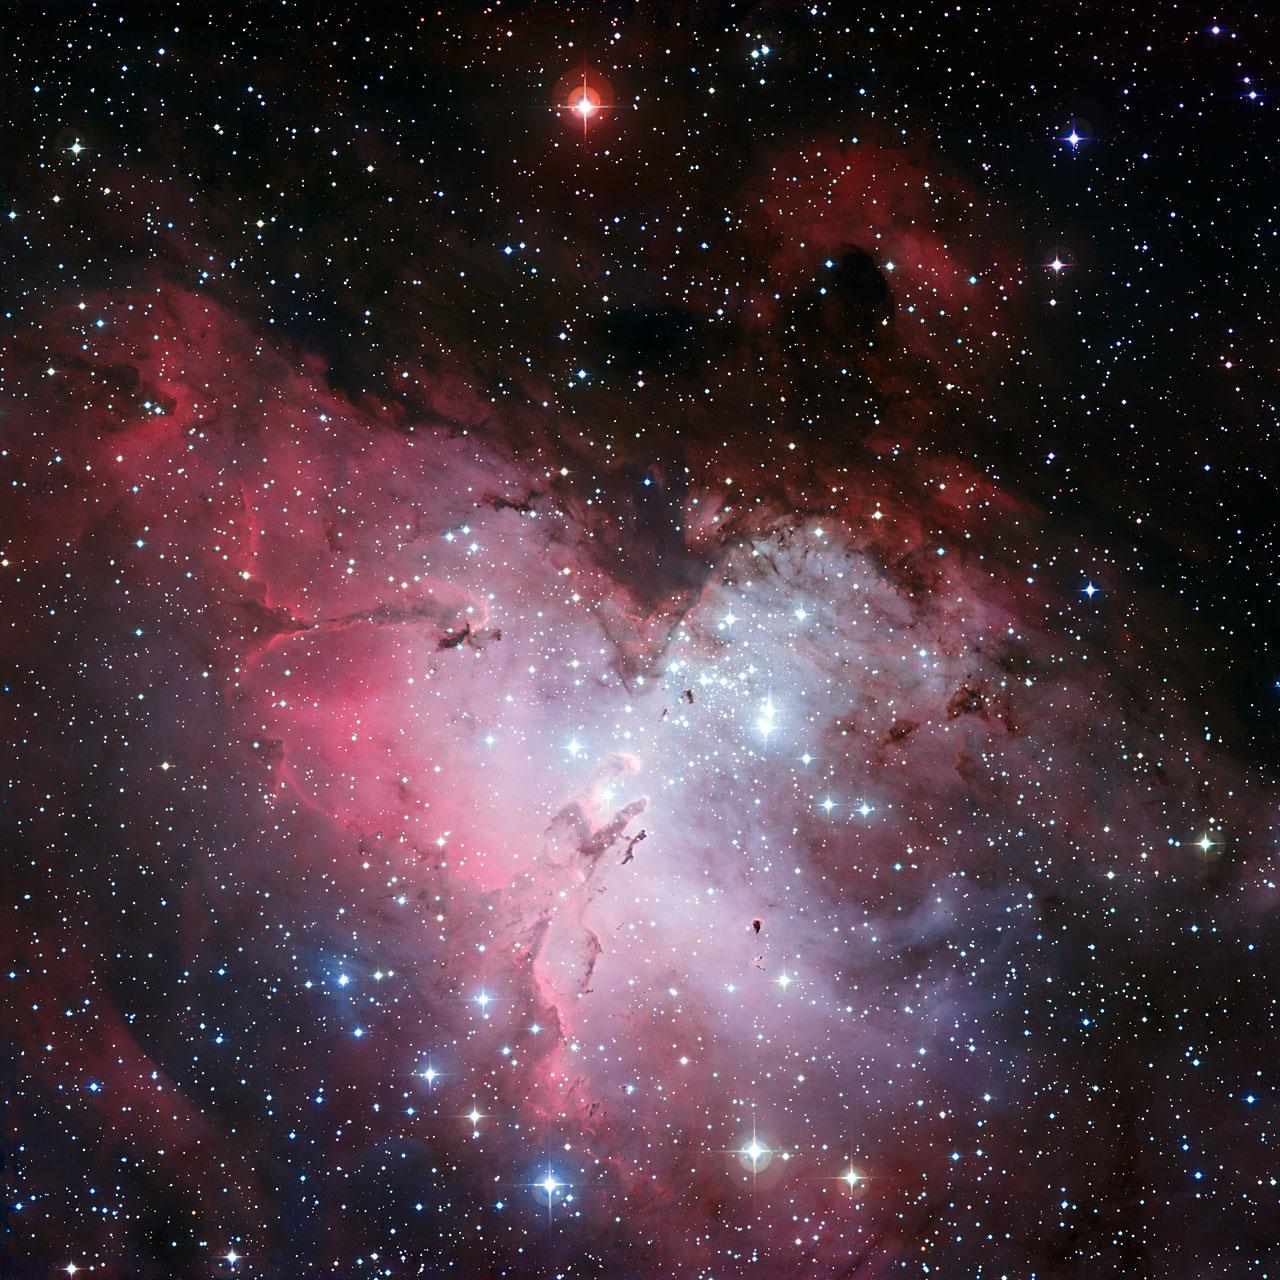 Nebulosa da Águia - M16. Crédito: ESO La Silla Chile.